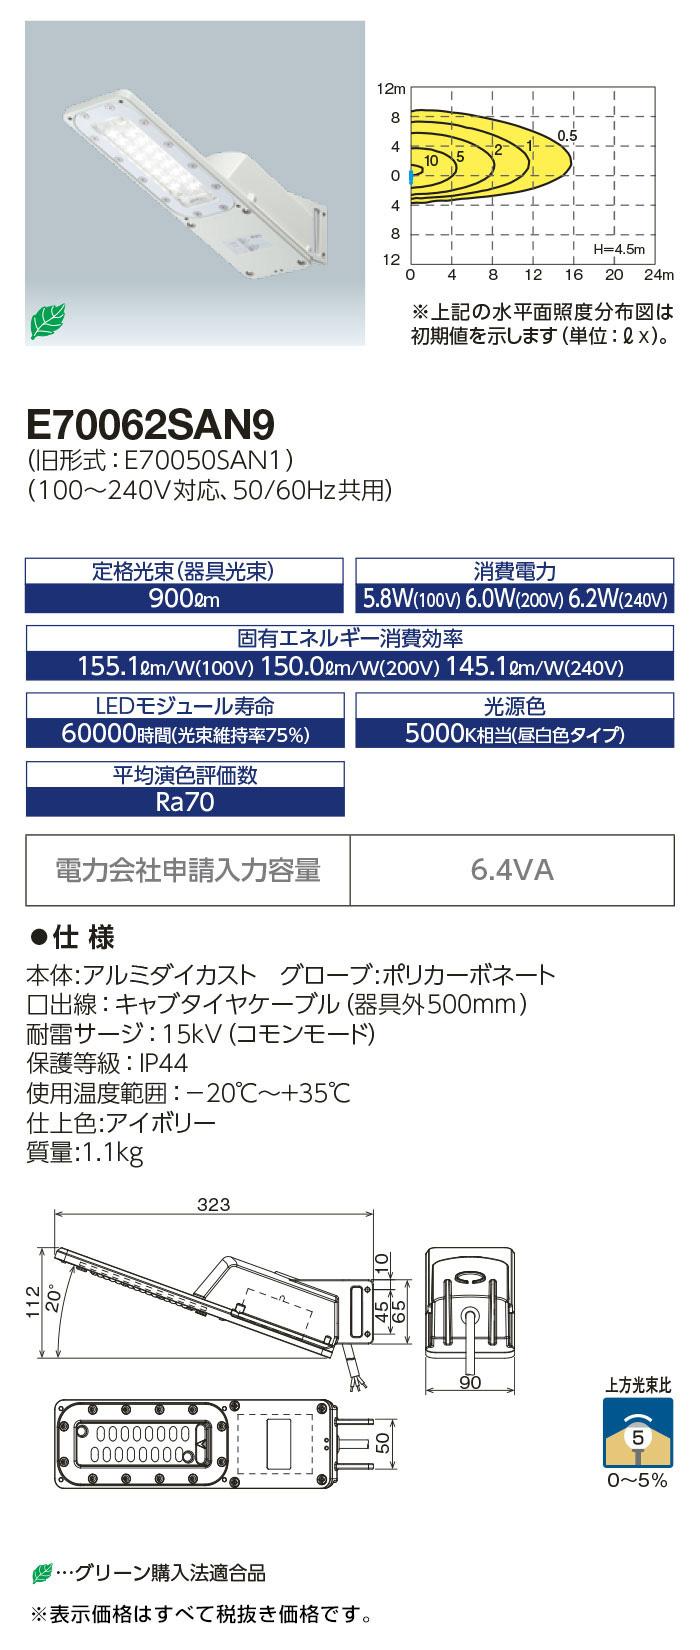 E70062SAN9